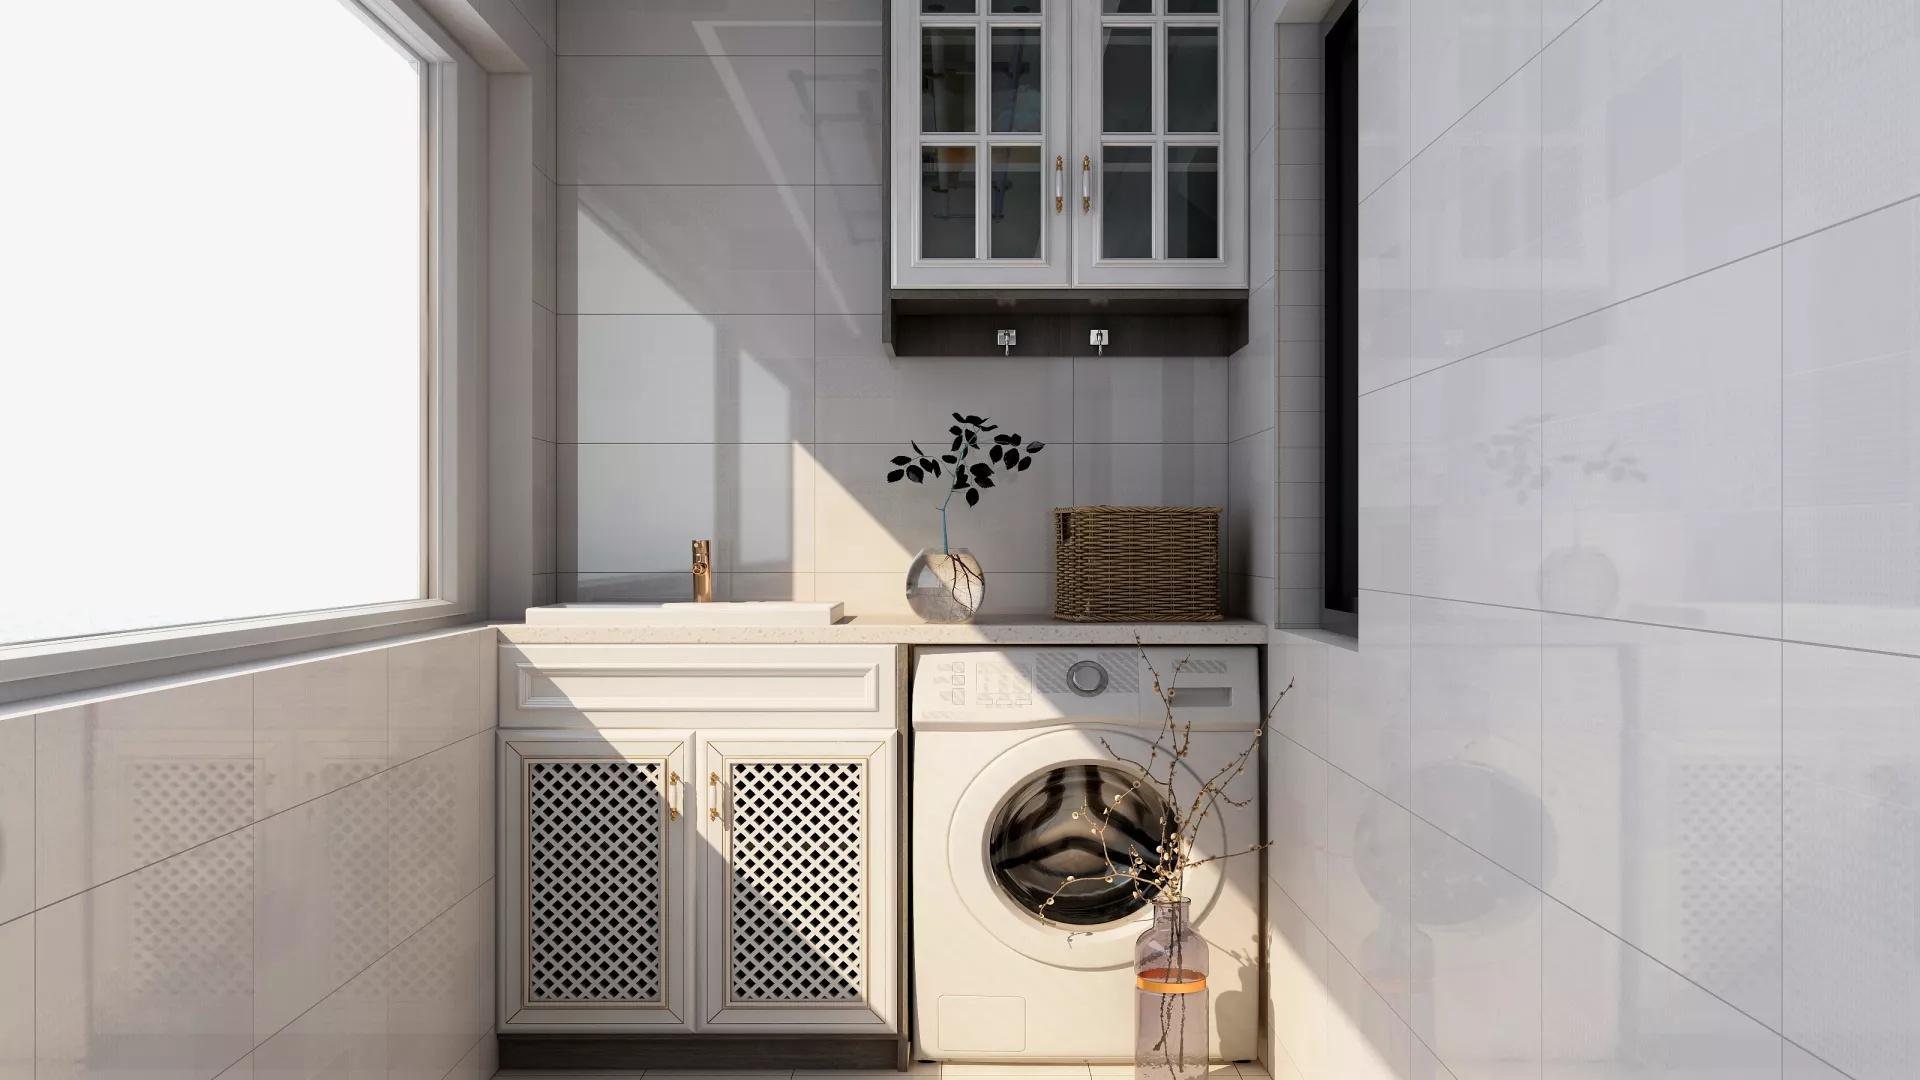 温馨浪漫提升家居幸福感的飘窗装修效果图